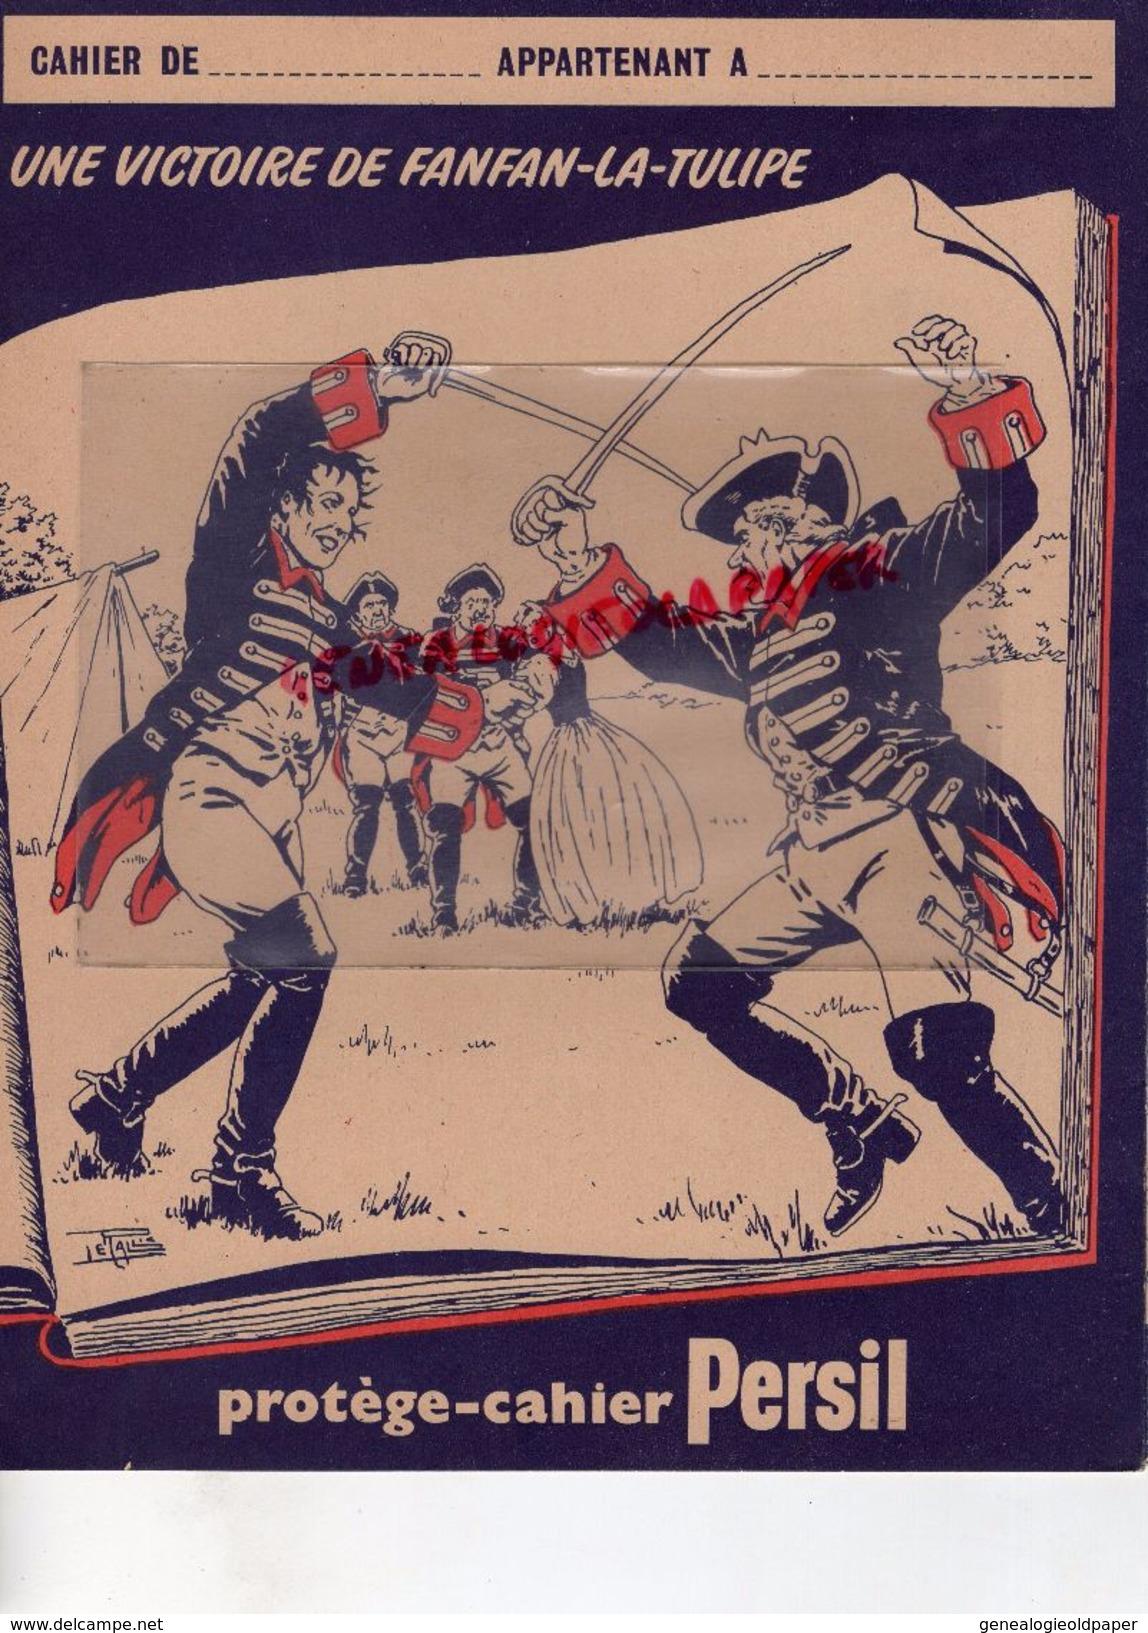 PROTEGE CAHIER PERSIL -SAVON  LESSIVE - INVENTEUR HENKEL -ALLEMAGNE 1907-SAVONNERIE -FANFAN LA TULIPE -ESCRIME - Vloeipapier